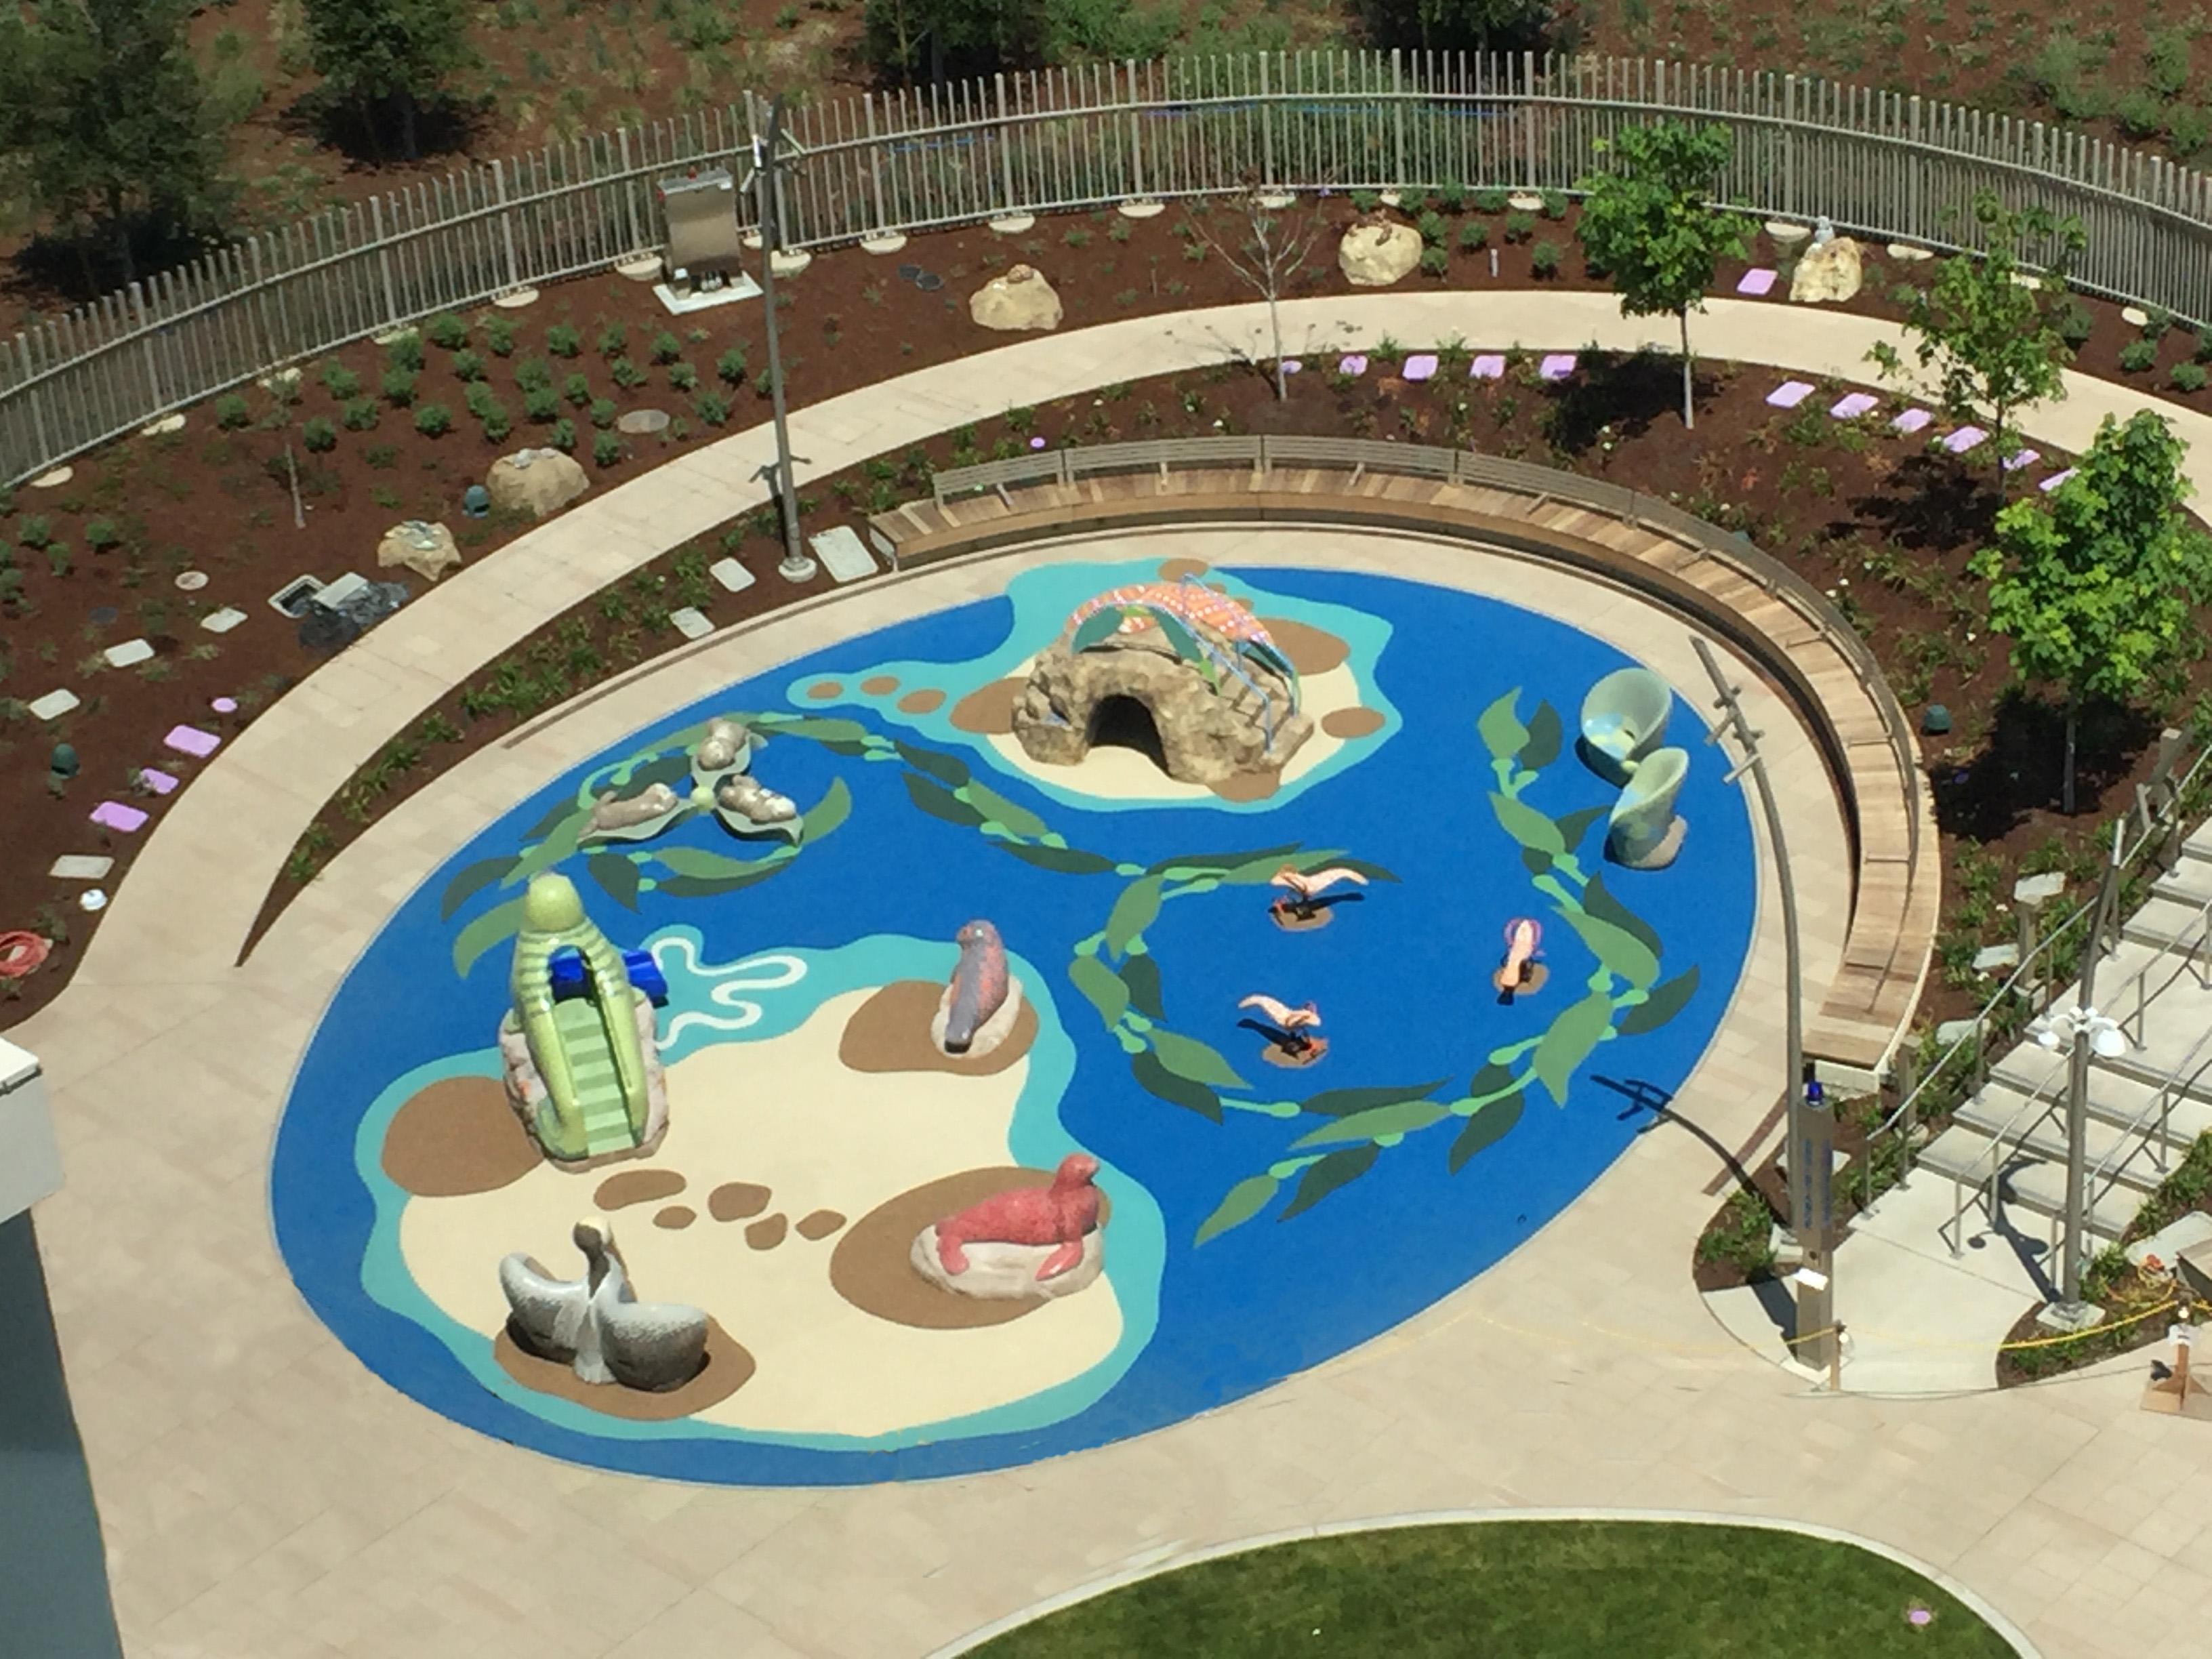 Lucile Packard Children's Hospital - CODAworx